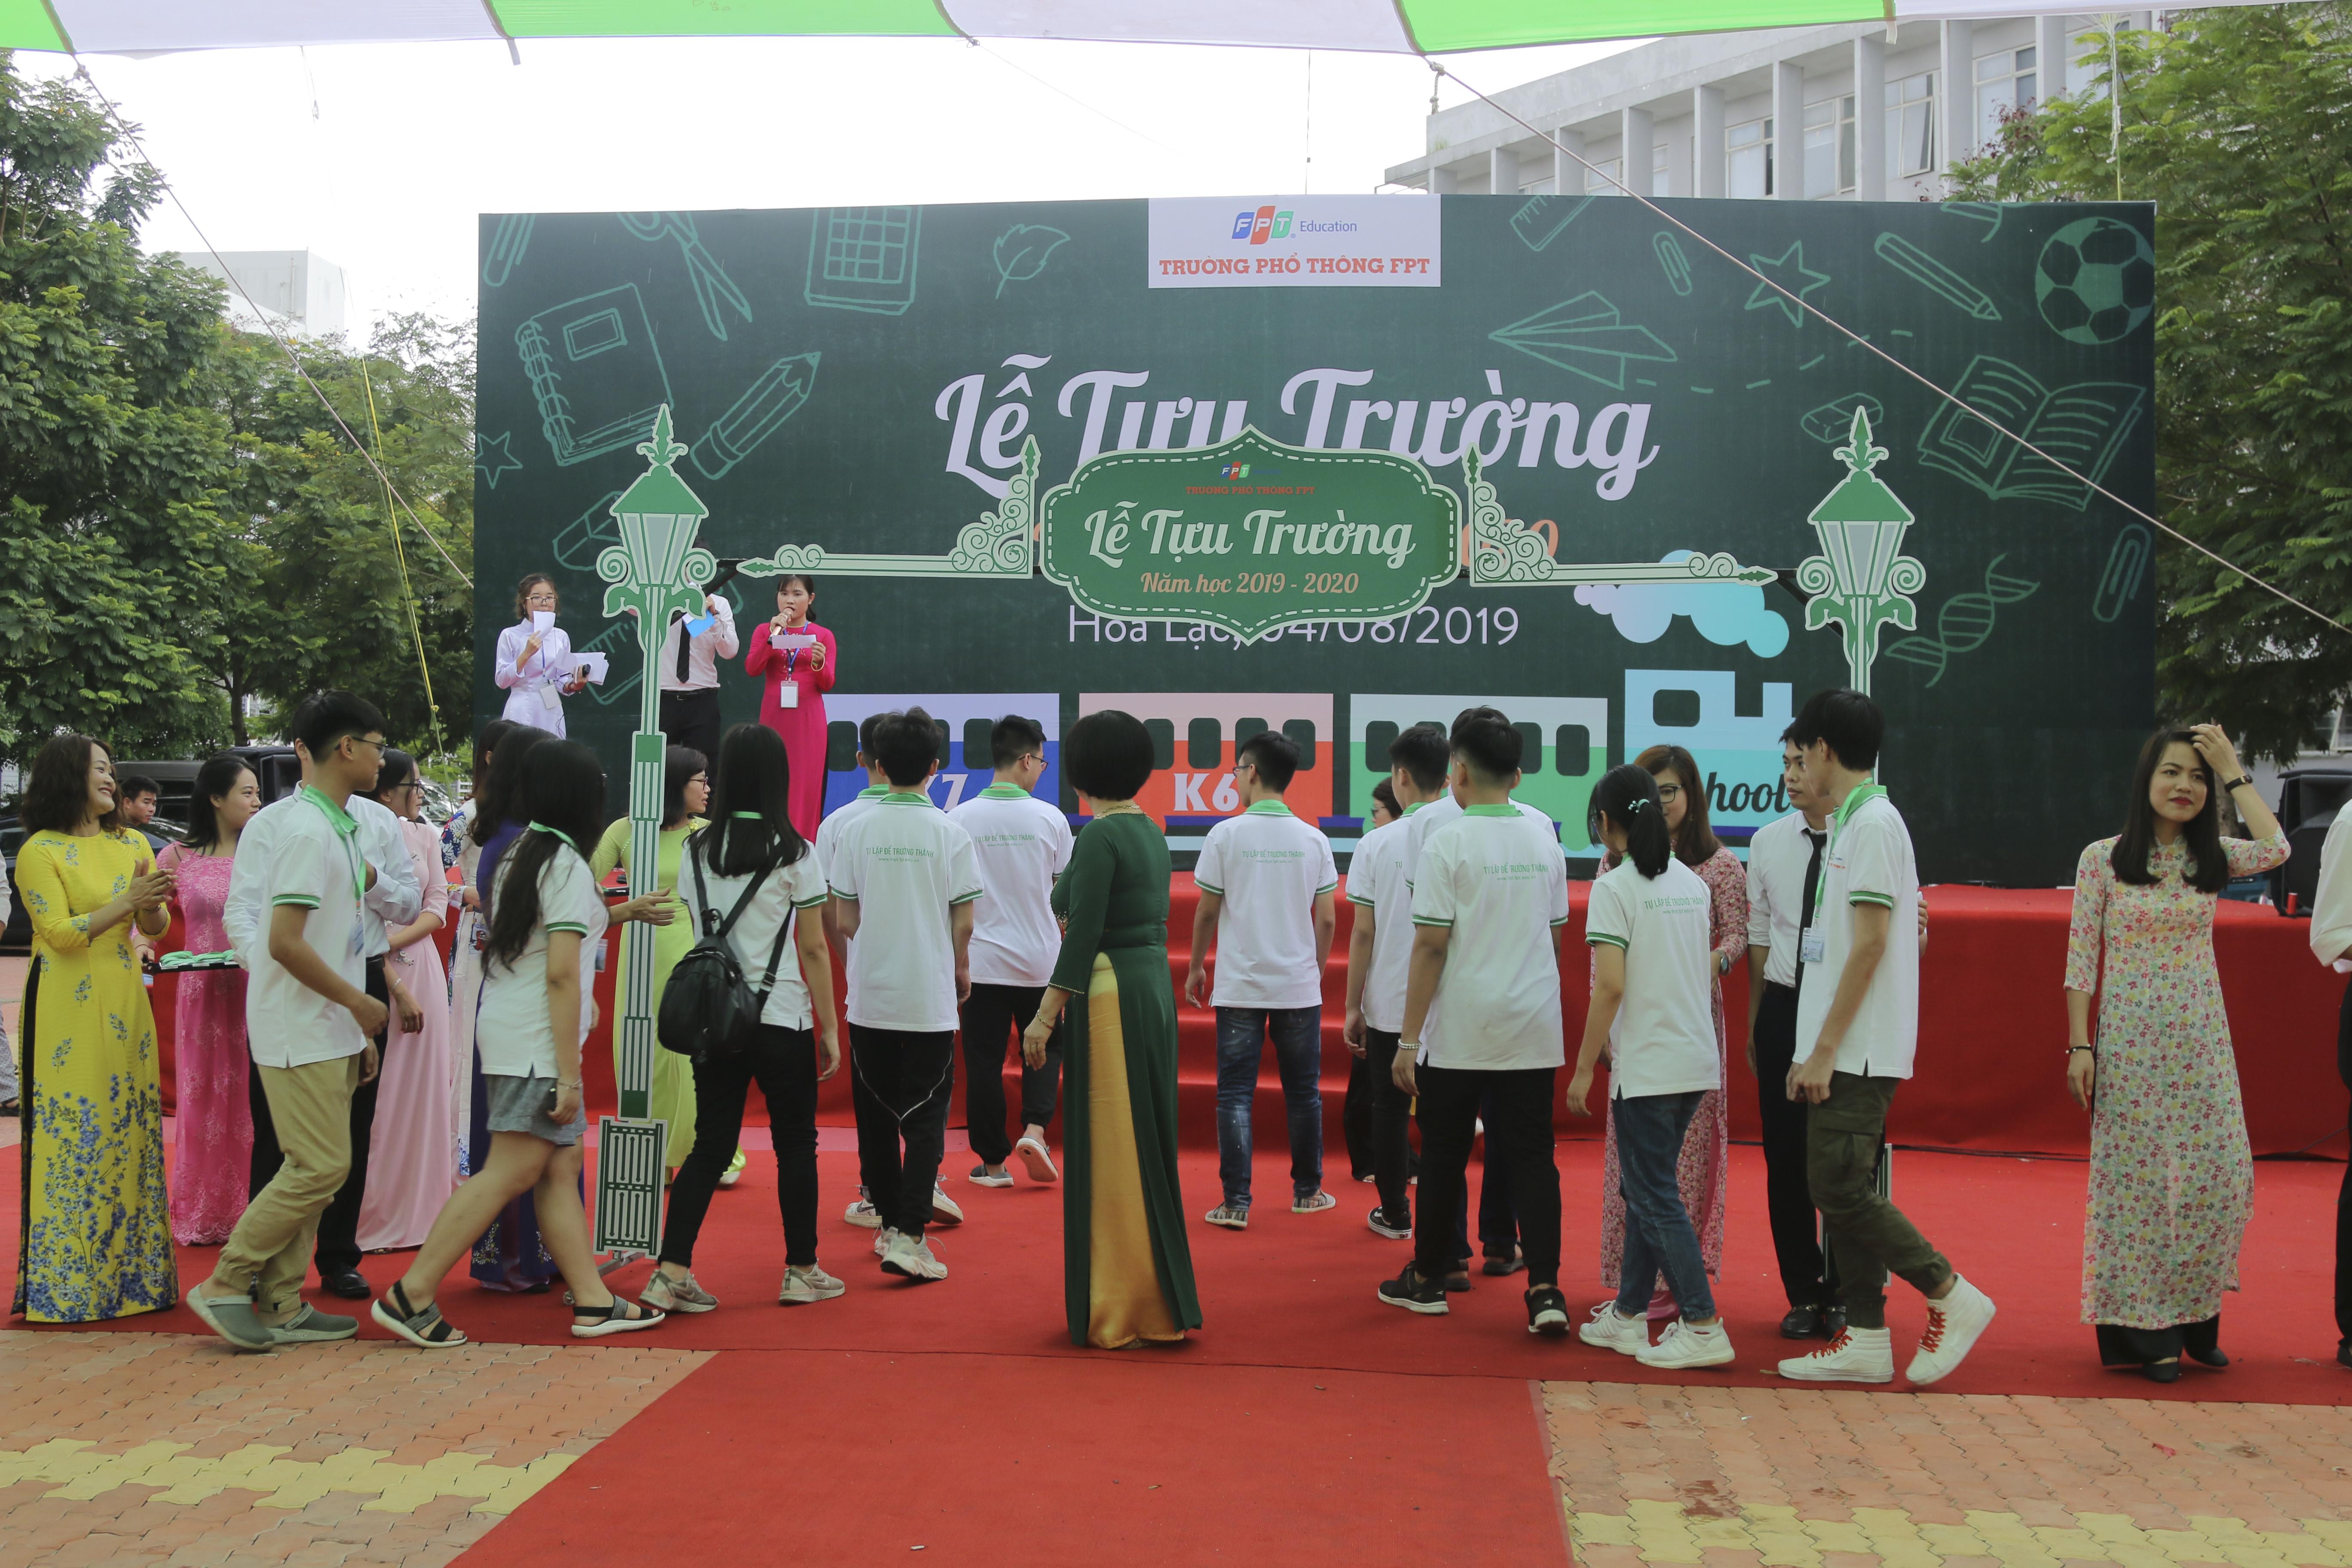 12 học sinh K7 đầu tiên bước qua cánh cổng trường THPT FPT.